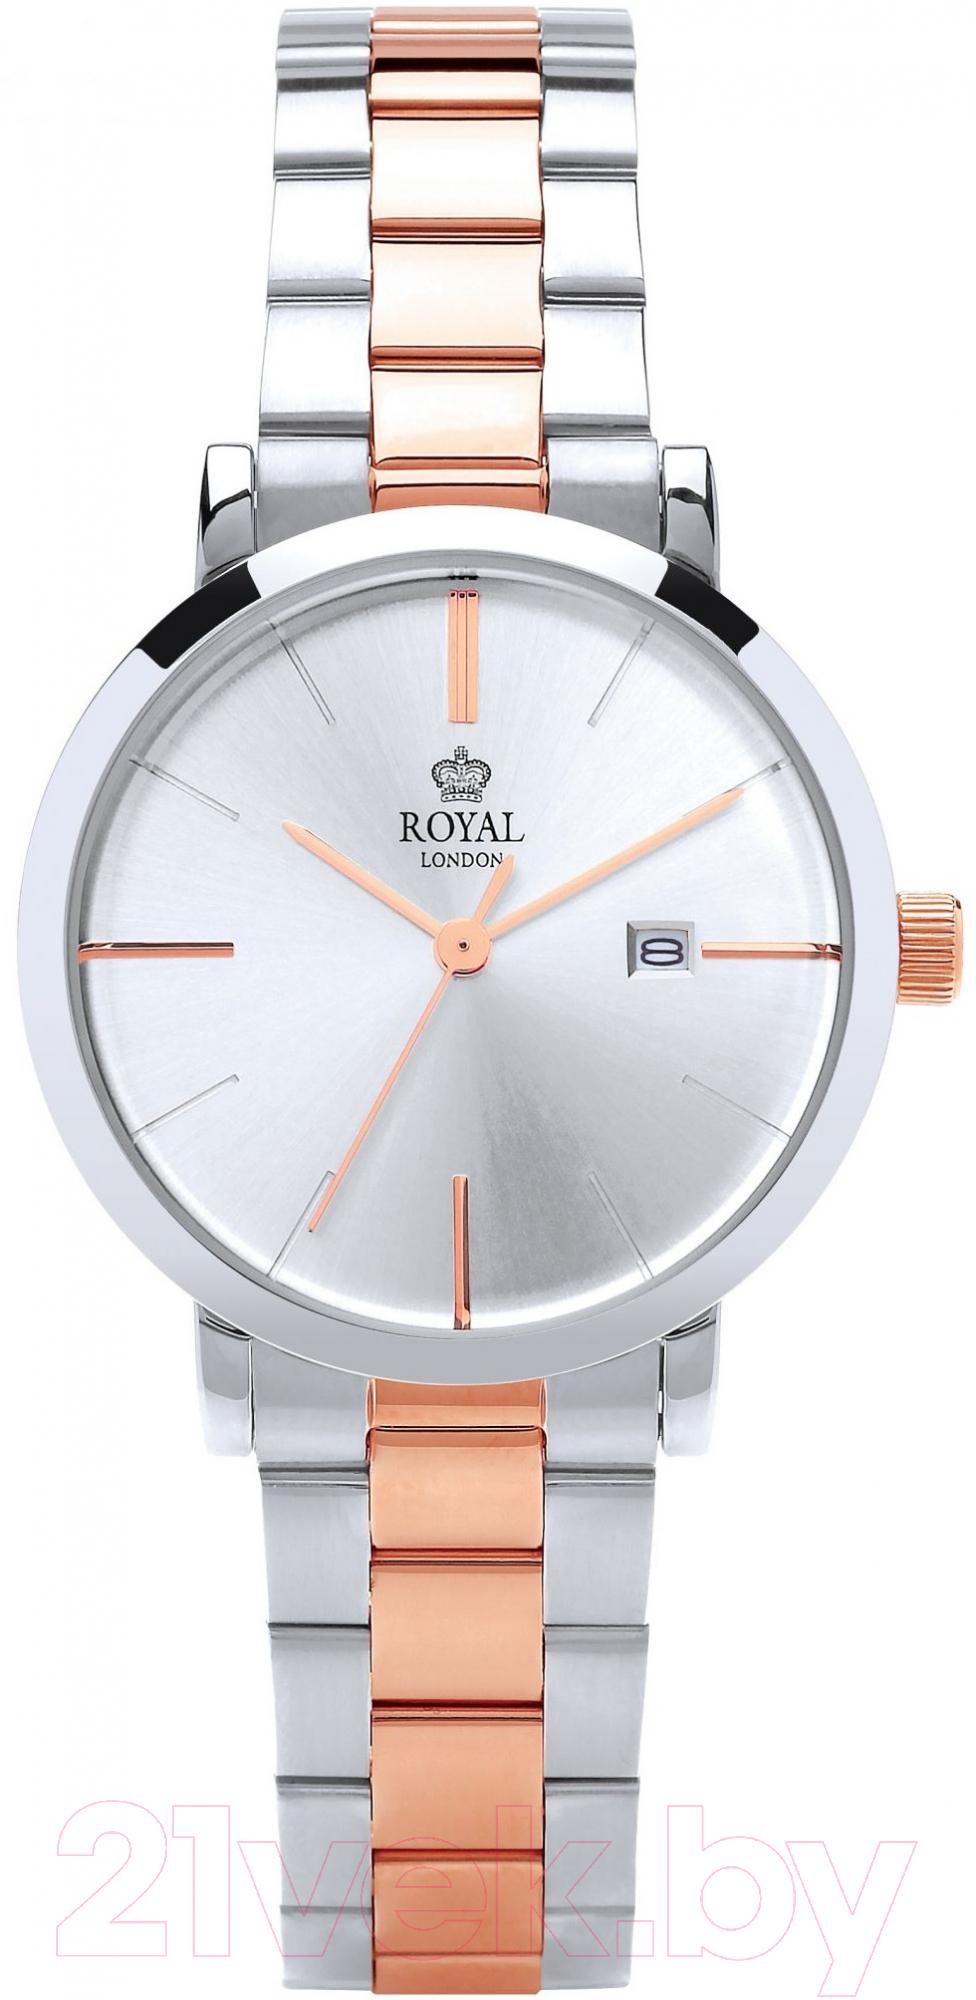 Купить Часы наручные женские Royal London, 21335-06, Великобритания